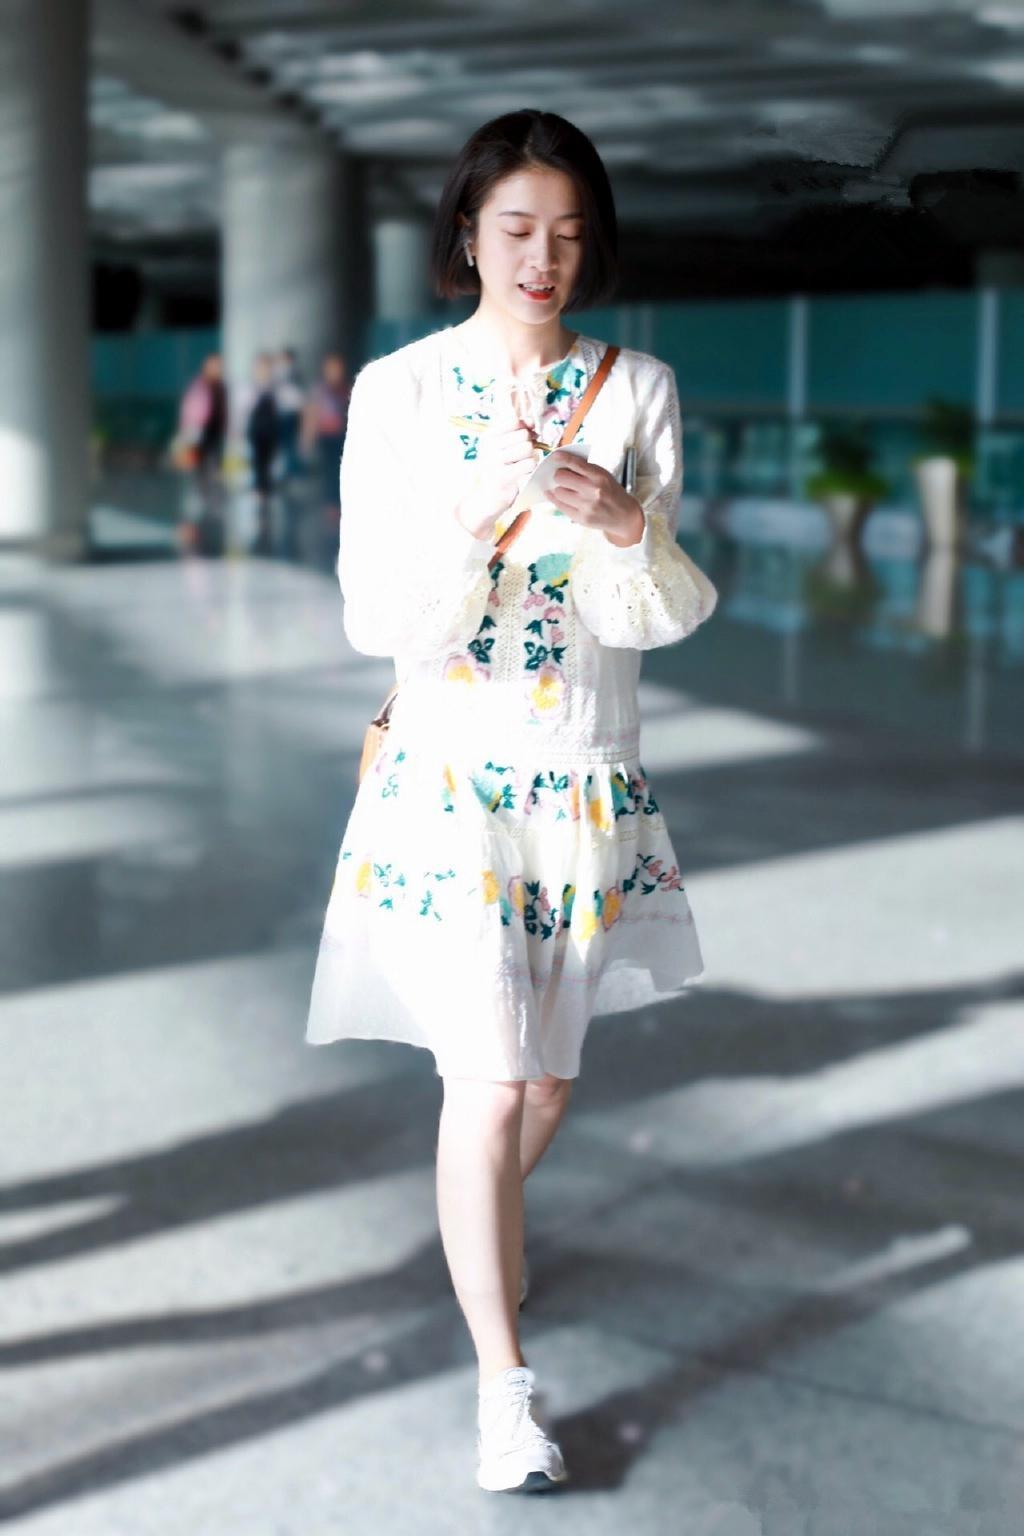 容乐公主现身!张雪迎碎花小裙子装扮清爽利落,笑靥迷人点亮机场